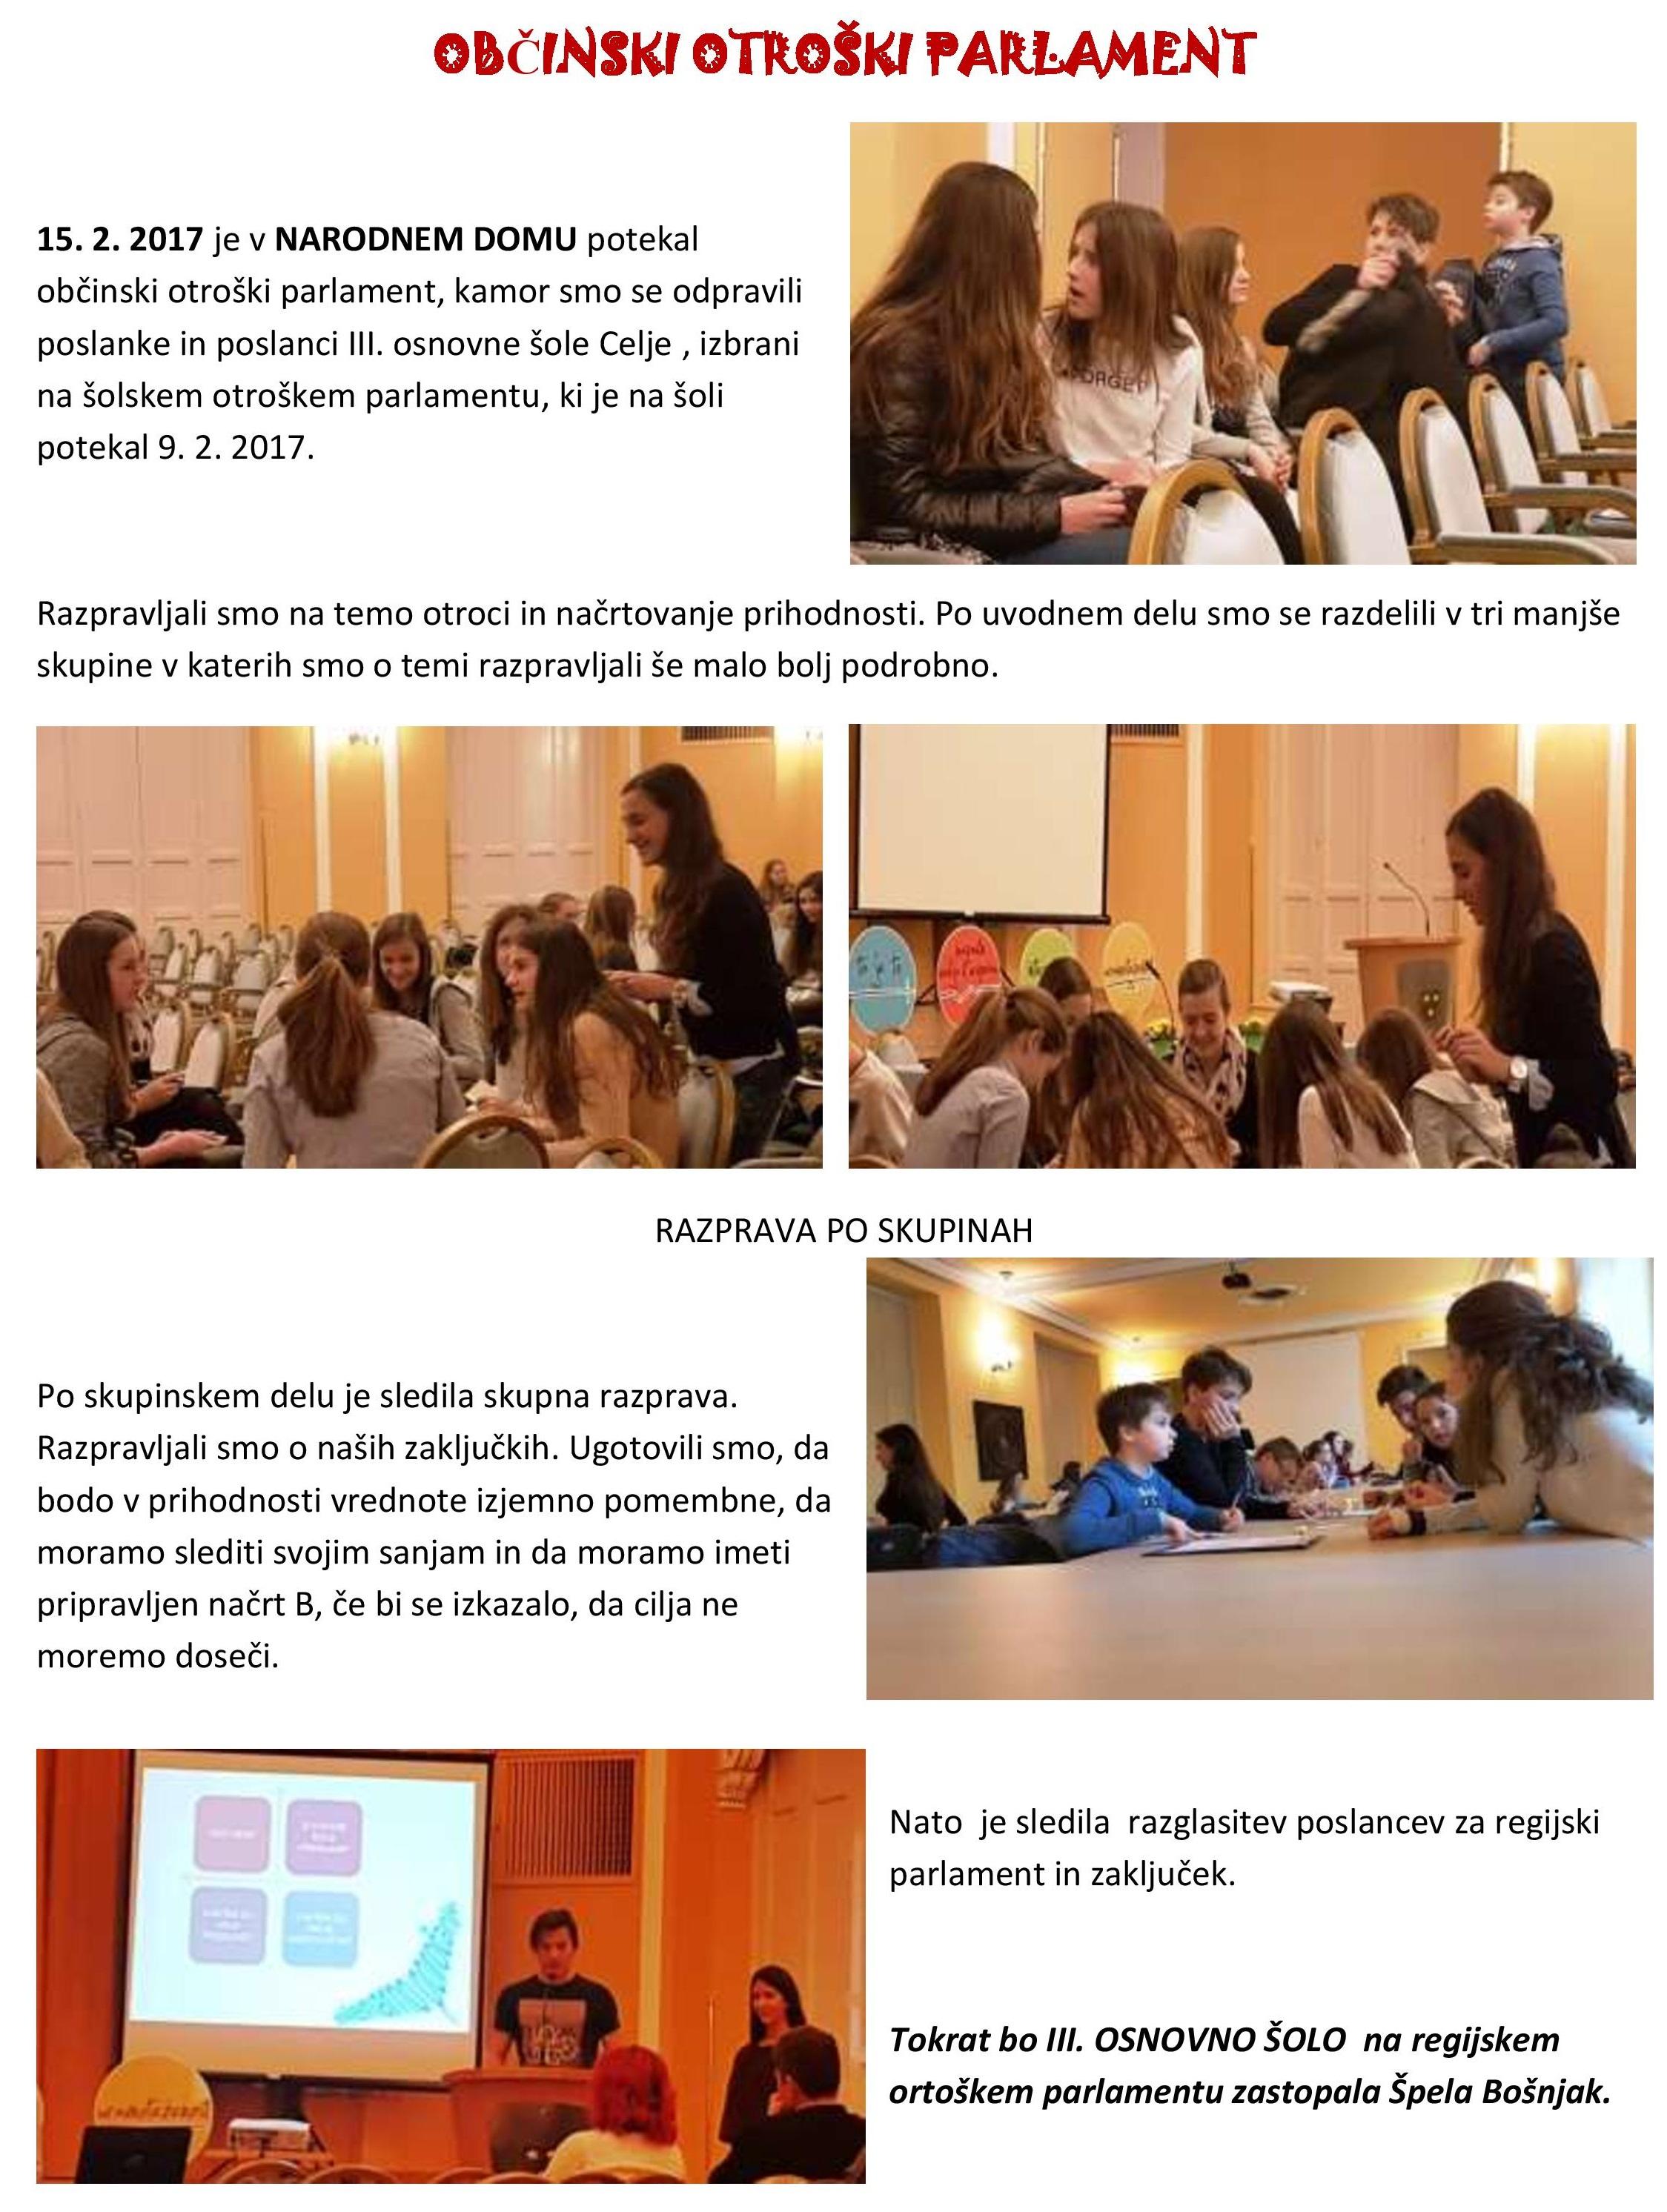 OBCINSKI OTROSKI PARLAMENT splet page 001